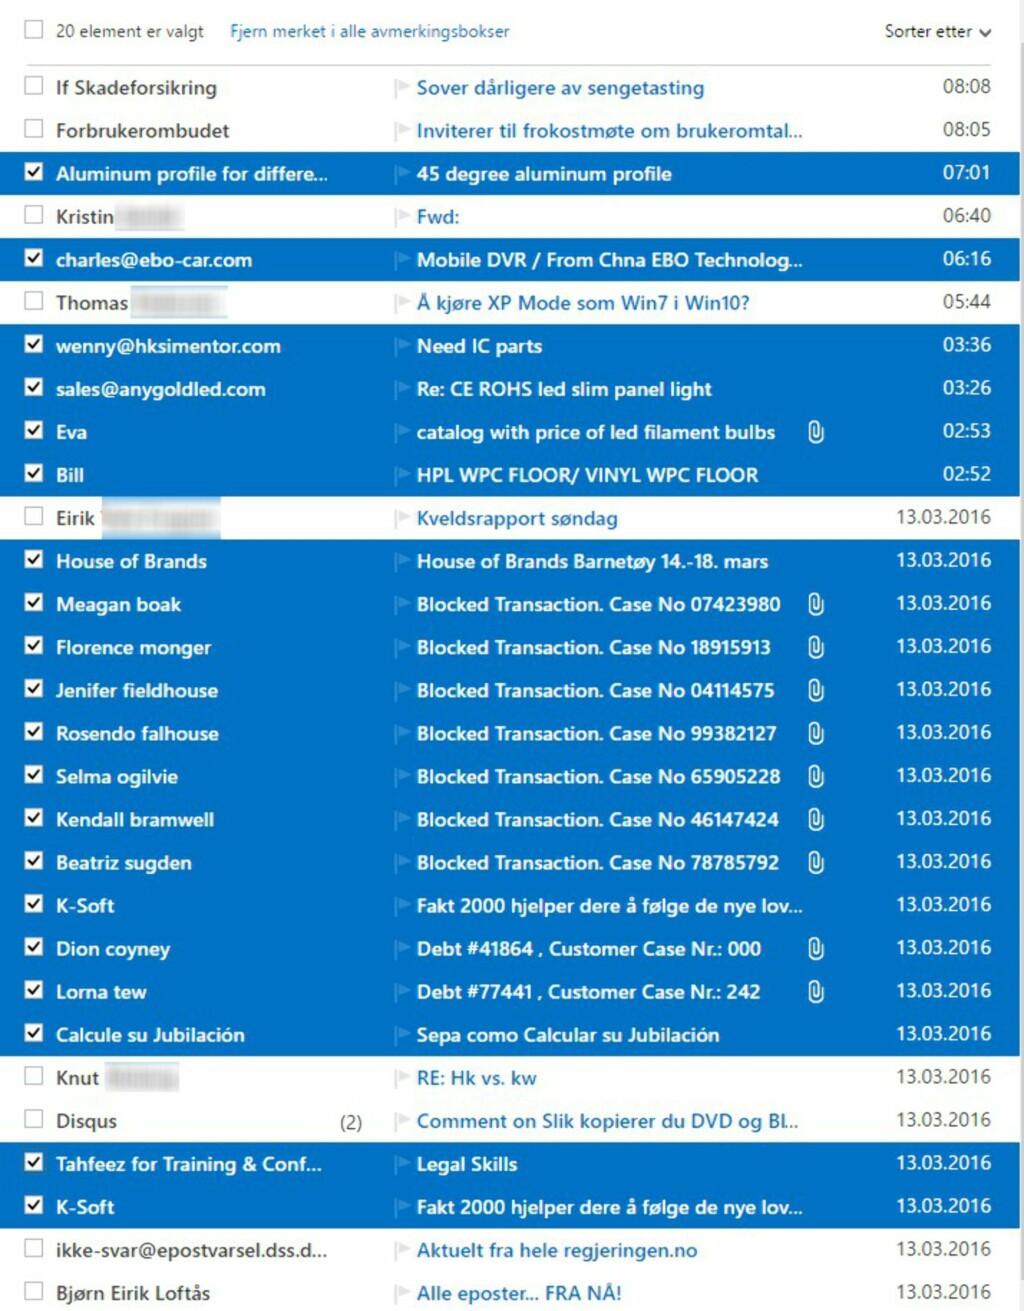 image: Outlook mot Gmail: Hvem er best mot spam?